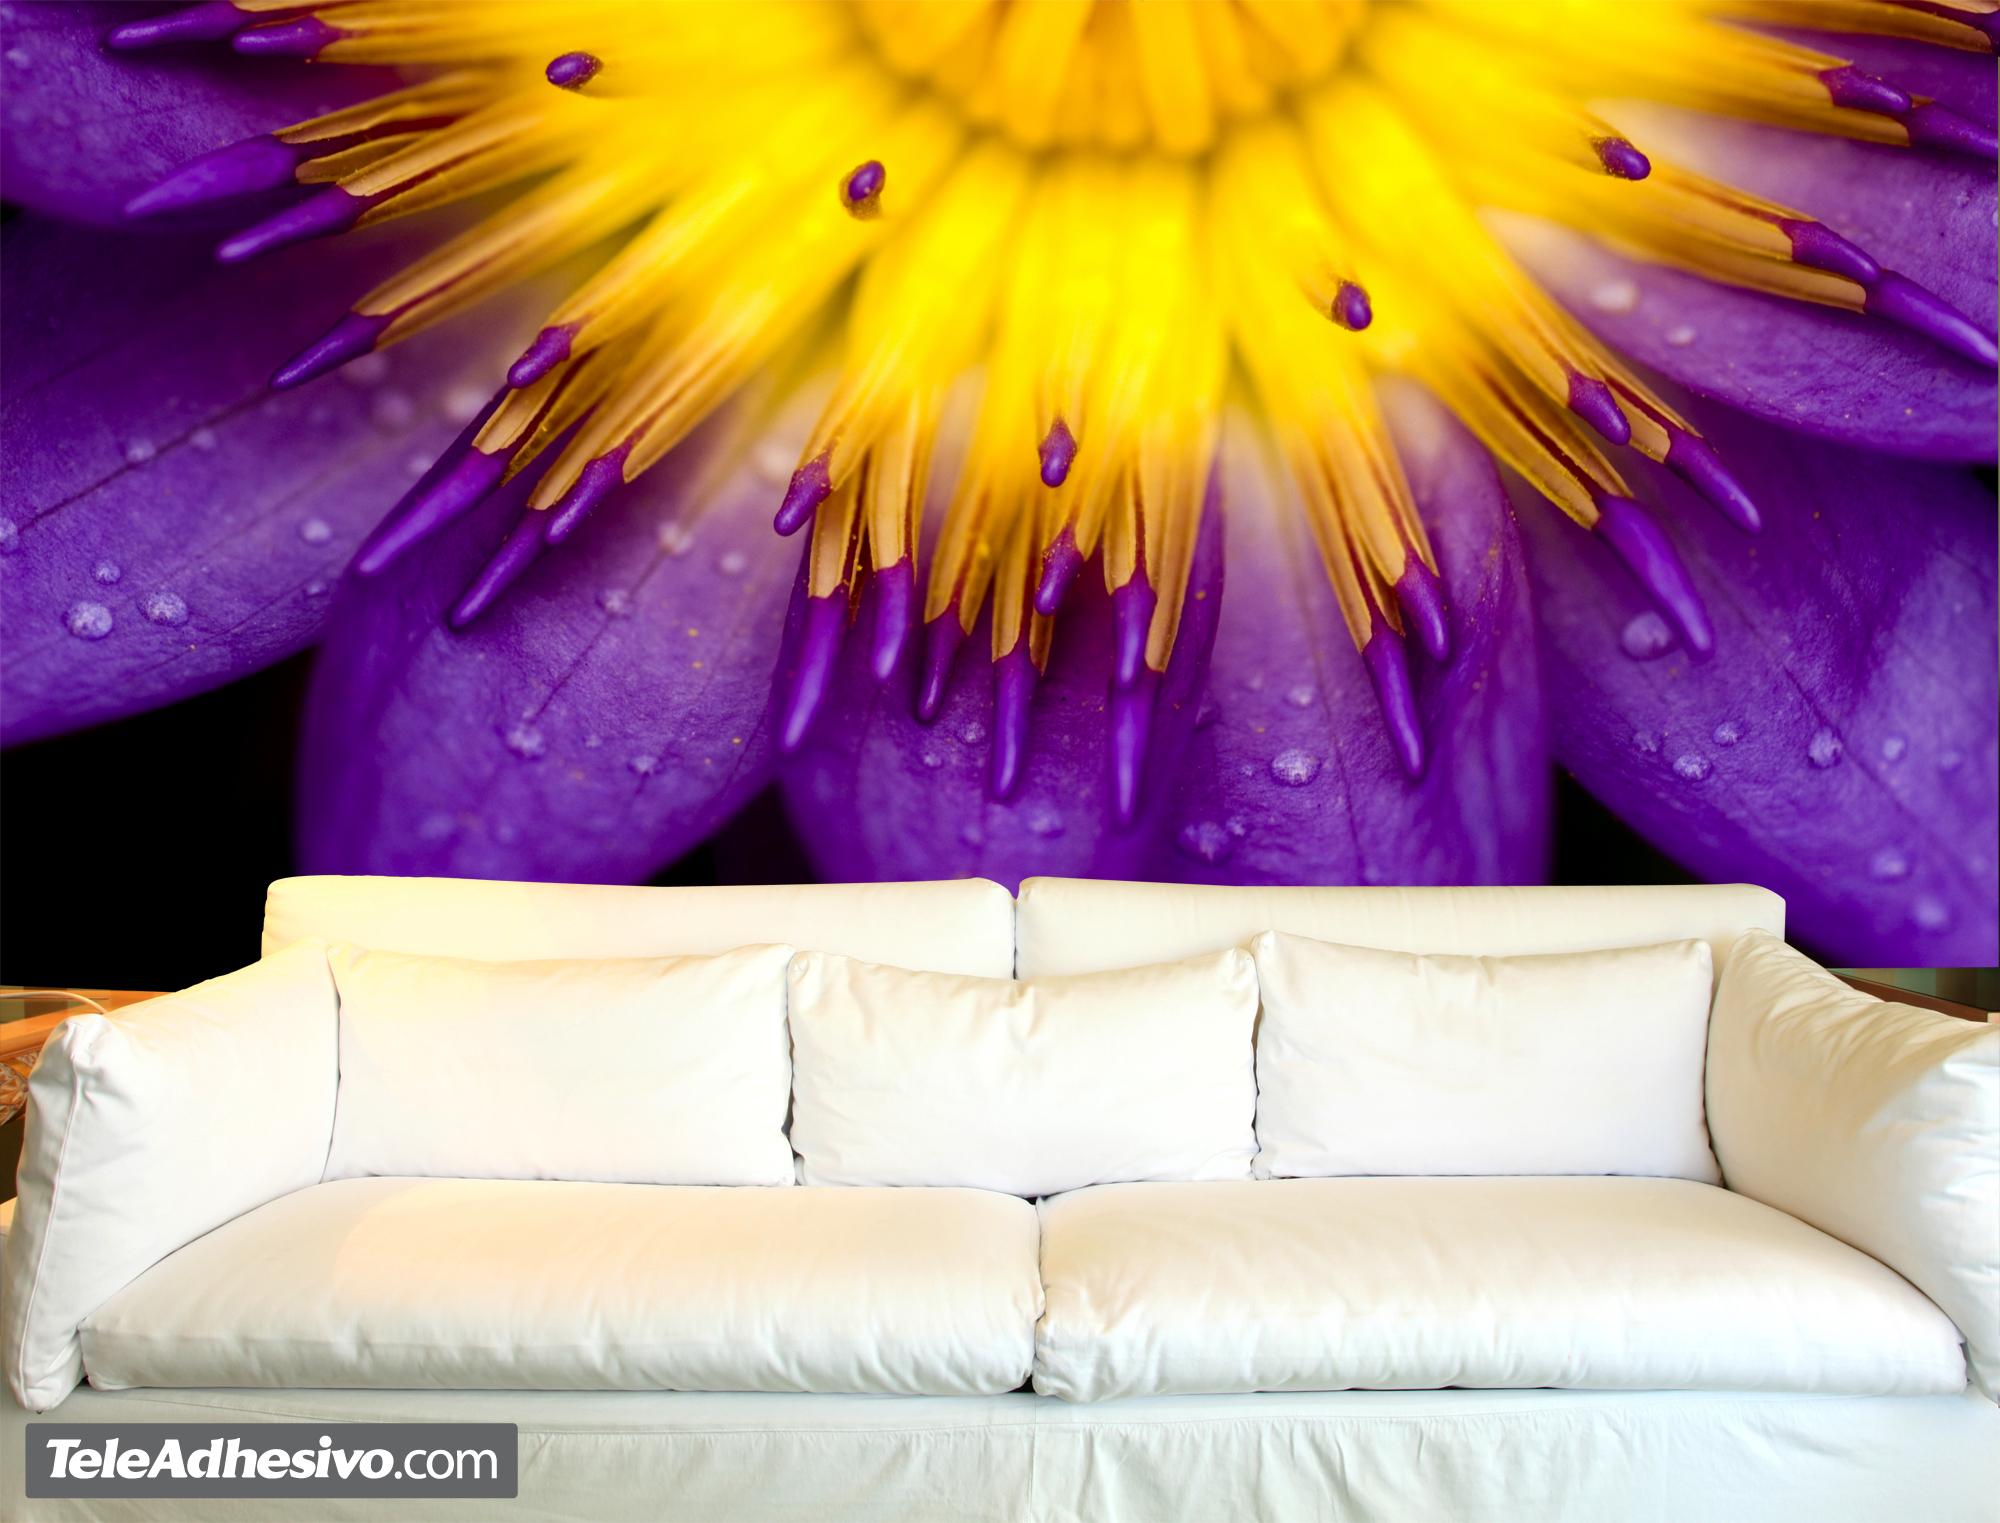 Fotomurales florales Loto púrpura